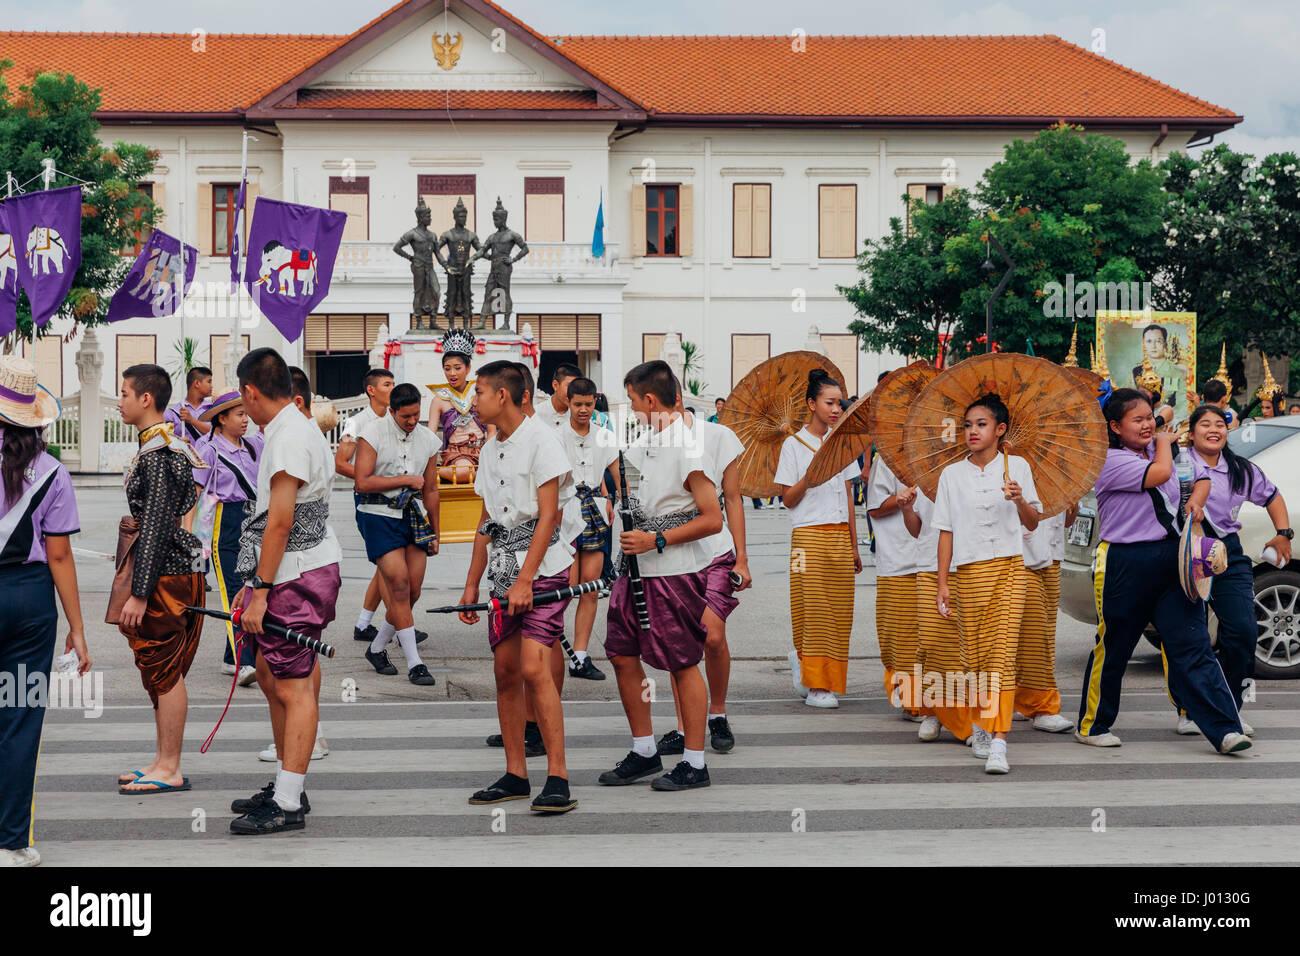 Chiang Mai, Thailandia - Agosto 24, 2016: i ragazzi e le ragazze in costumi del festival parade in prossimità Immagini Stock